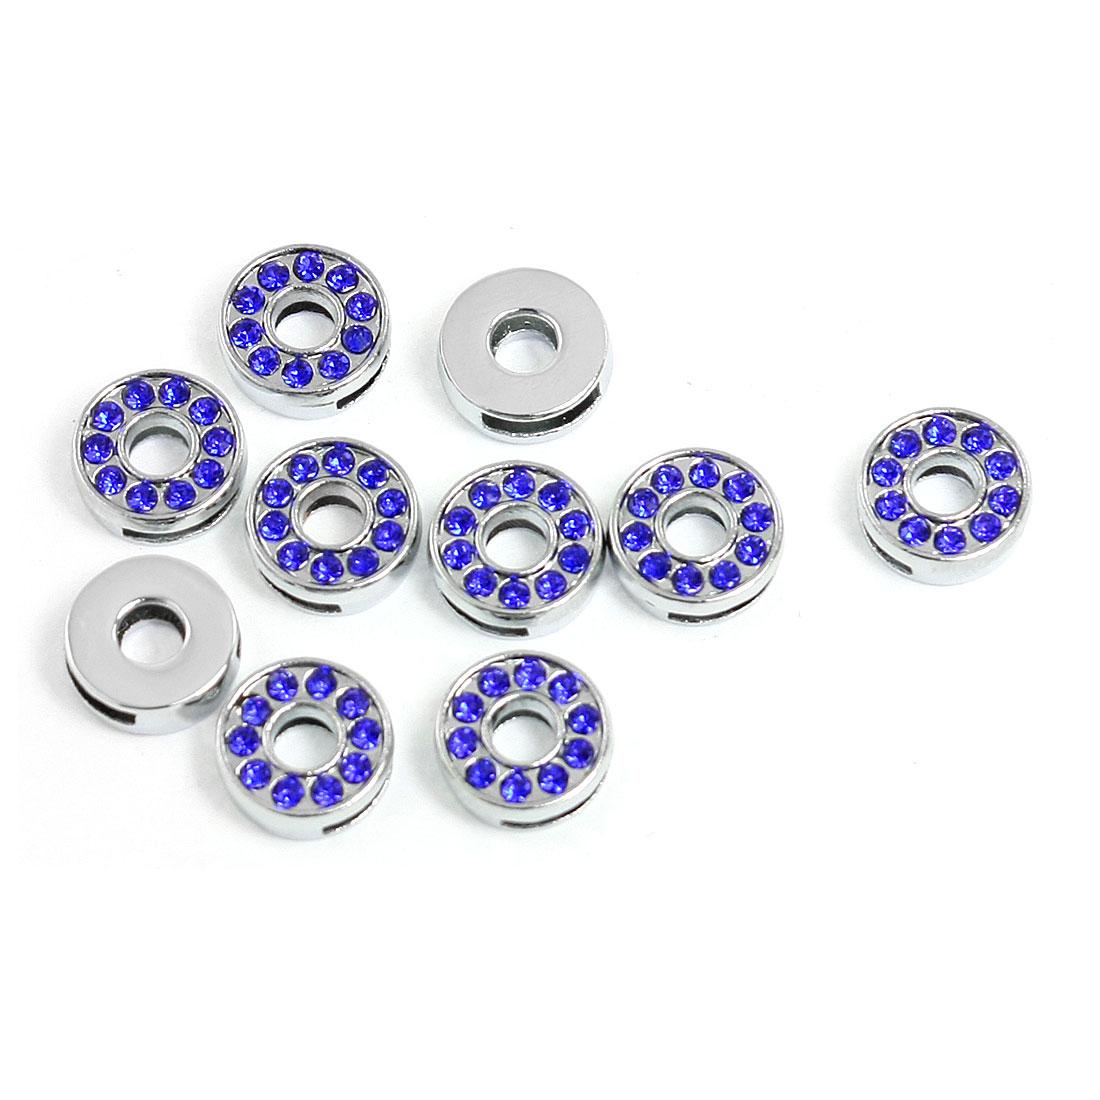 Unique Bargains 10 Pcs Pet Name Collar Wristband Blue Rhi...